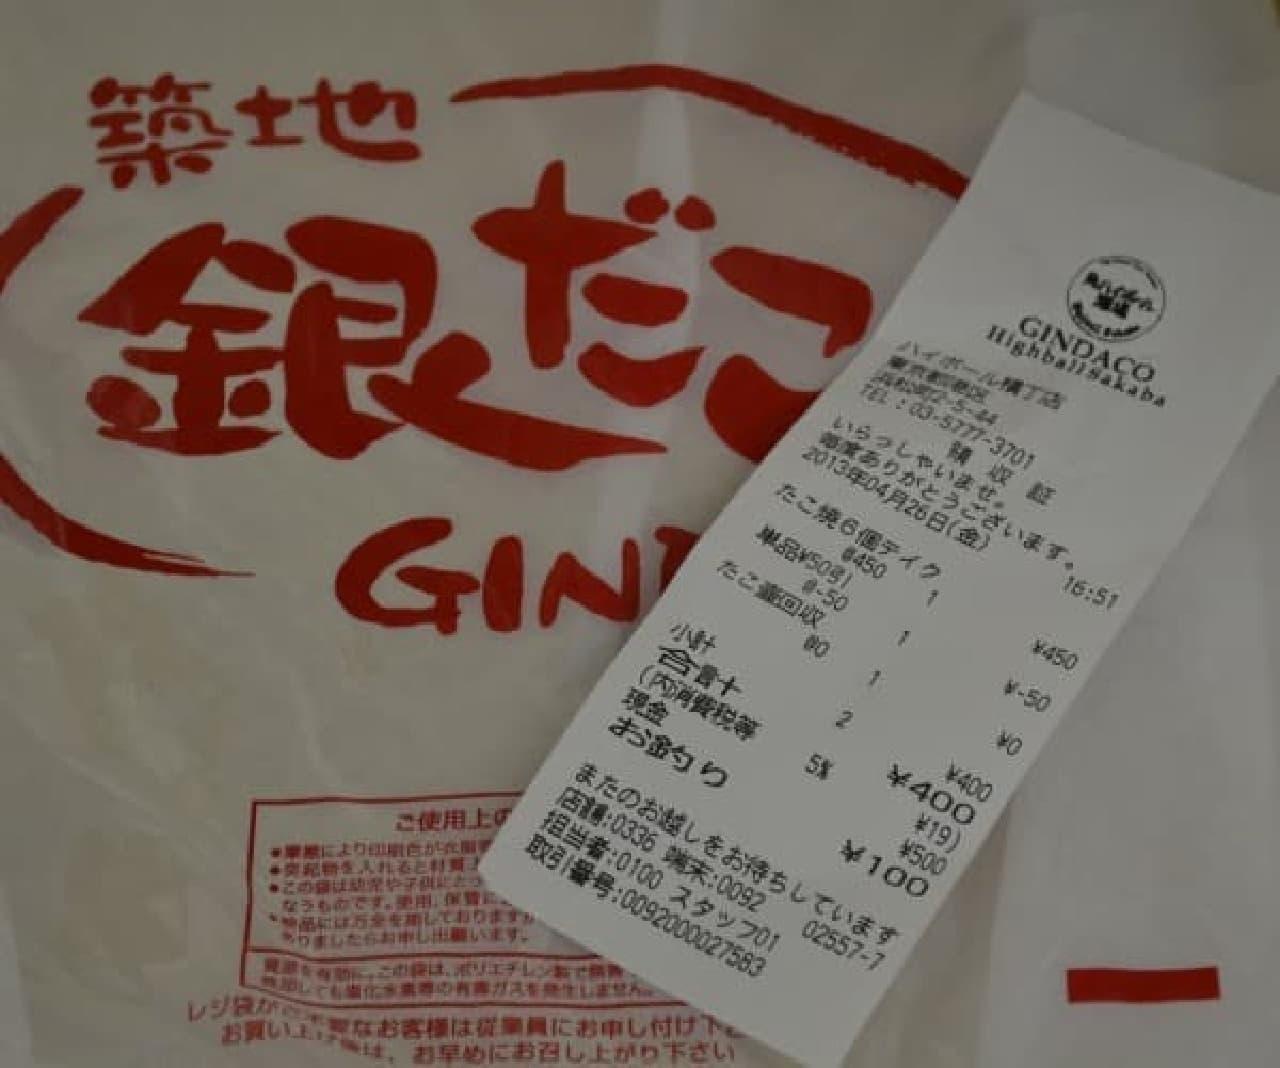 たこ壷回収で50円引きです!